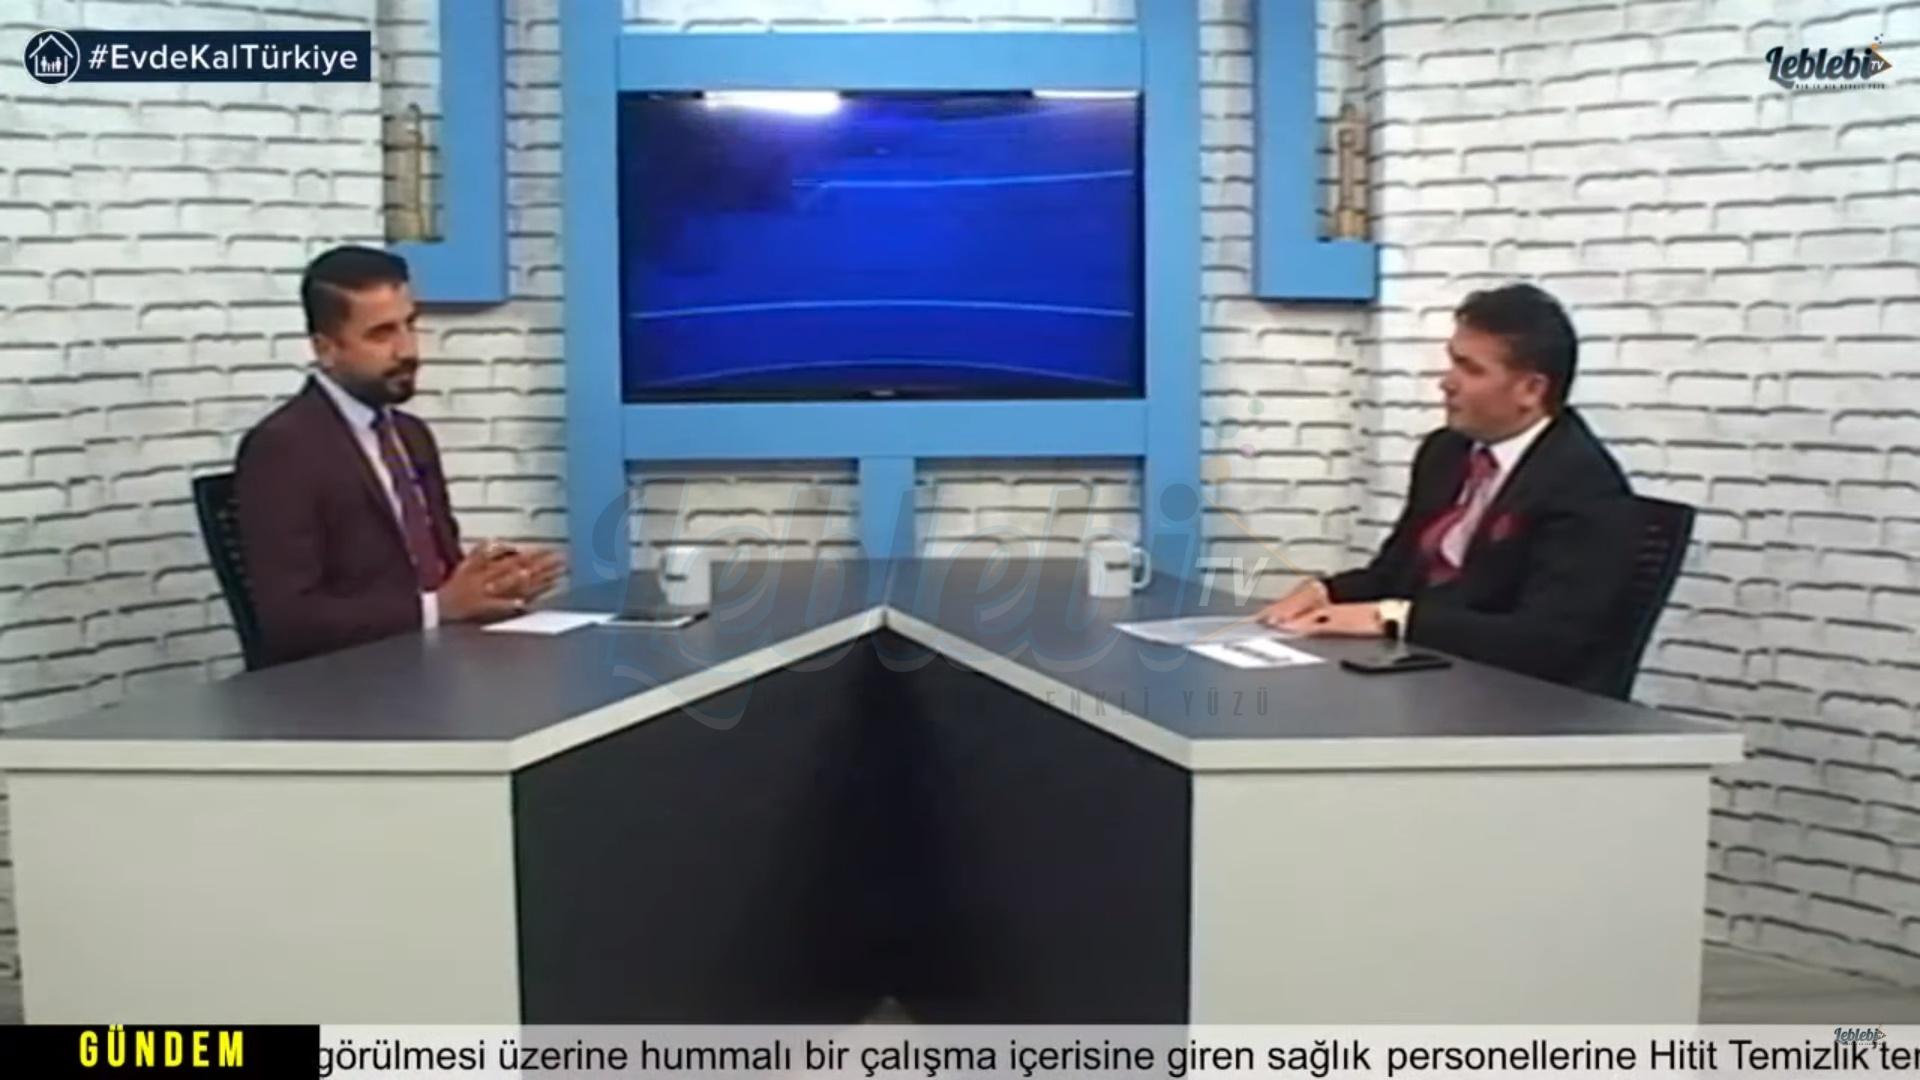 Berberler ve Kuaförler Esnaf Odası Başkanı – Mustafa Köse